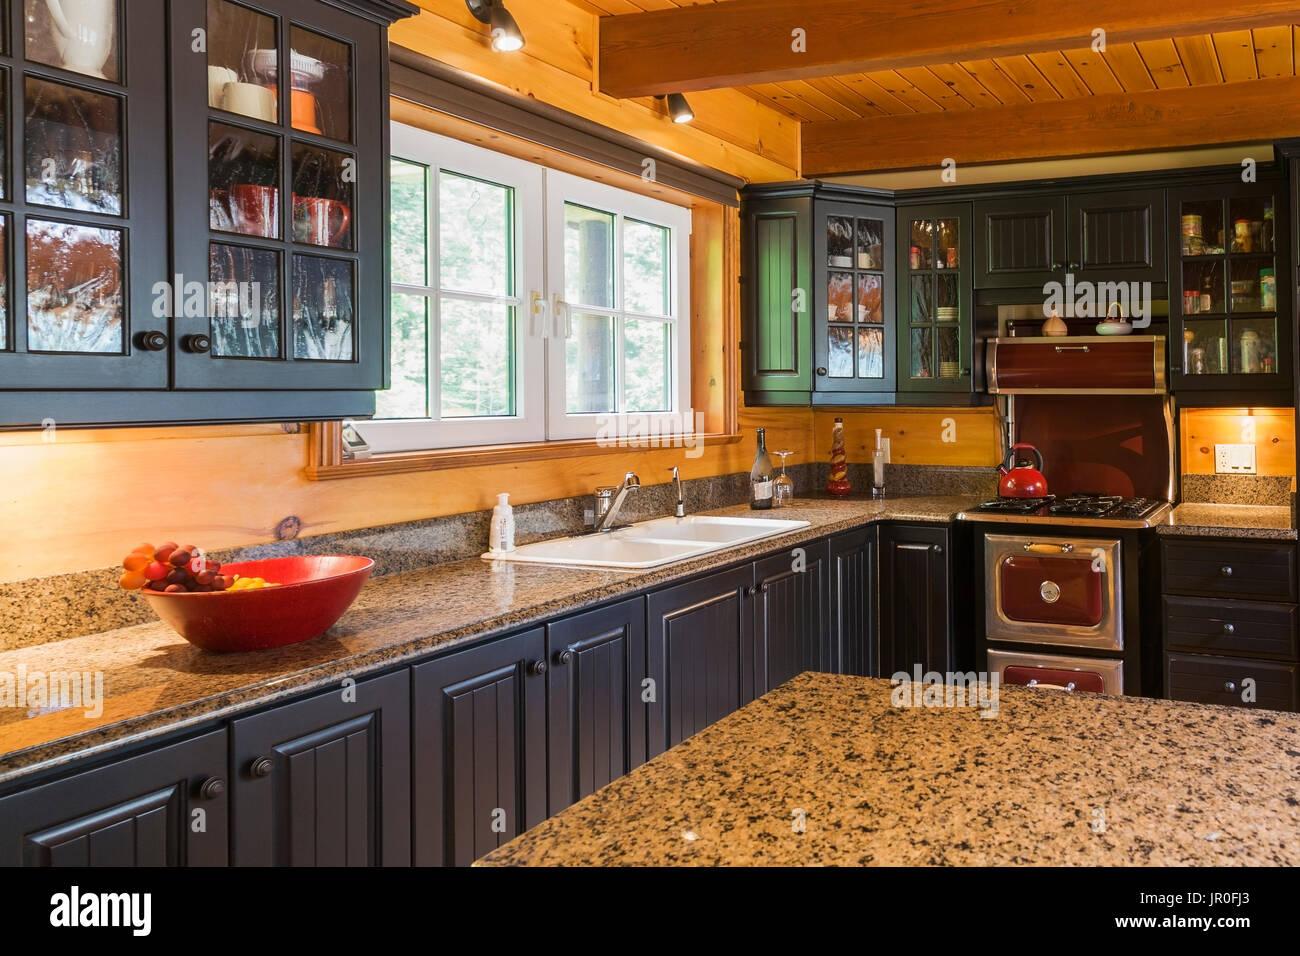 kuchenherd im landhausstil design ideen holz, küche mit schwarzen holzgehäuse, antiken herd und granit, Design ideen